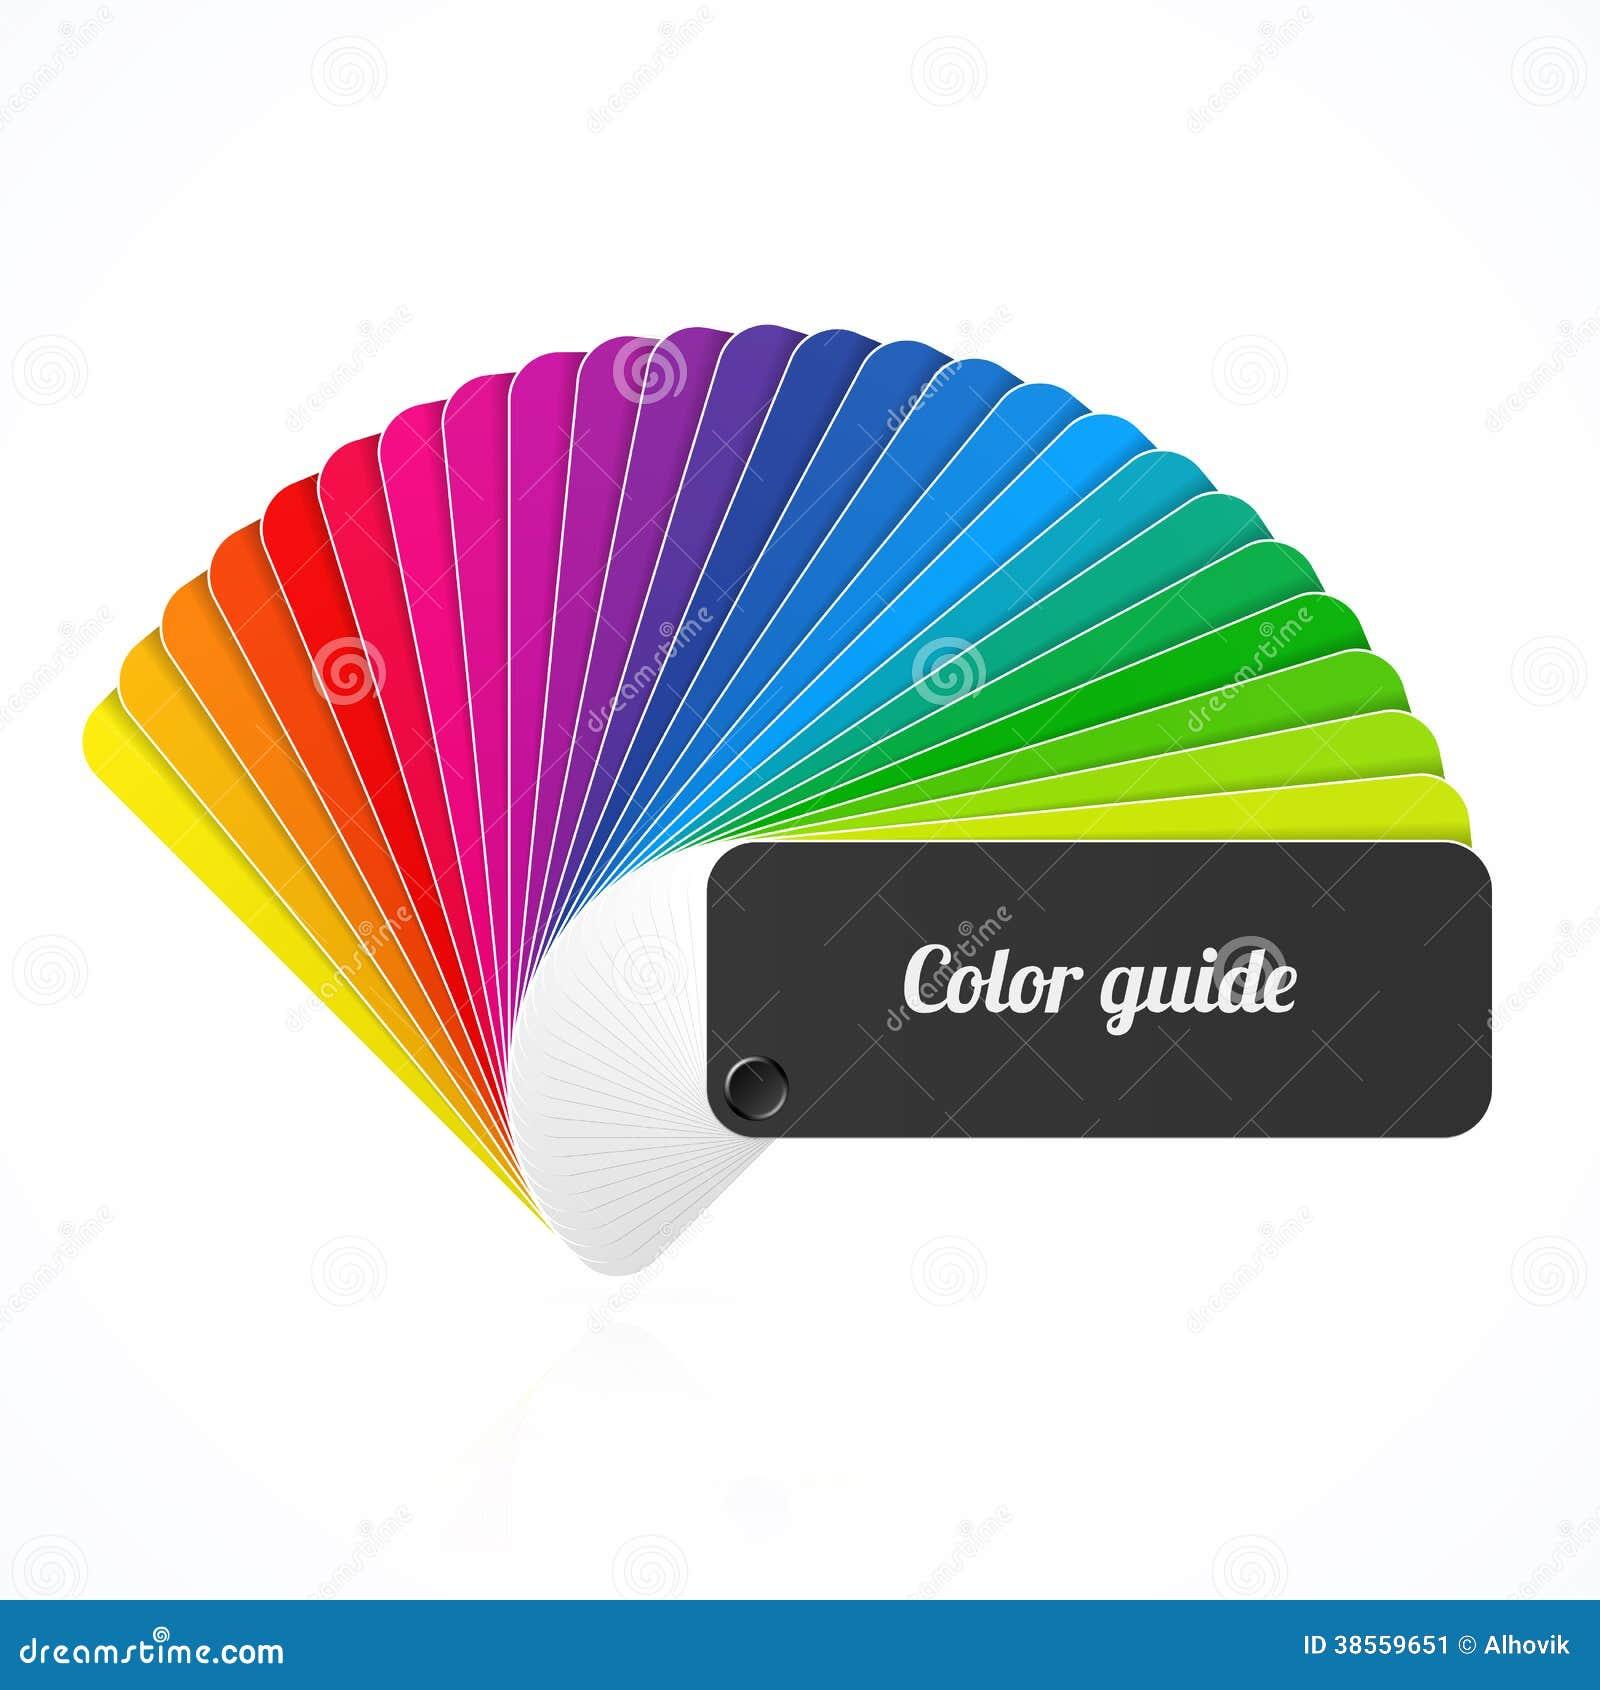 color palette guide fan catalog stock image image. Black Bedroom Furniture Sets. Home Design Ideas